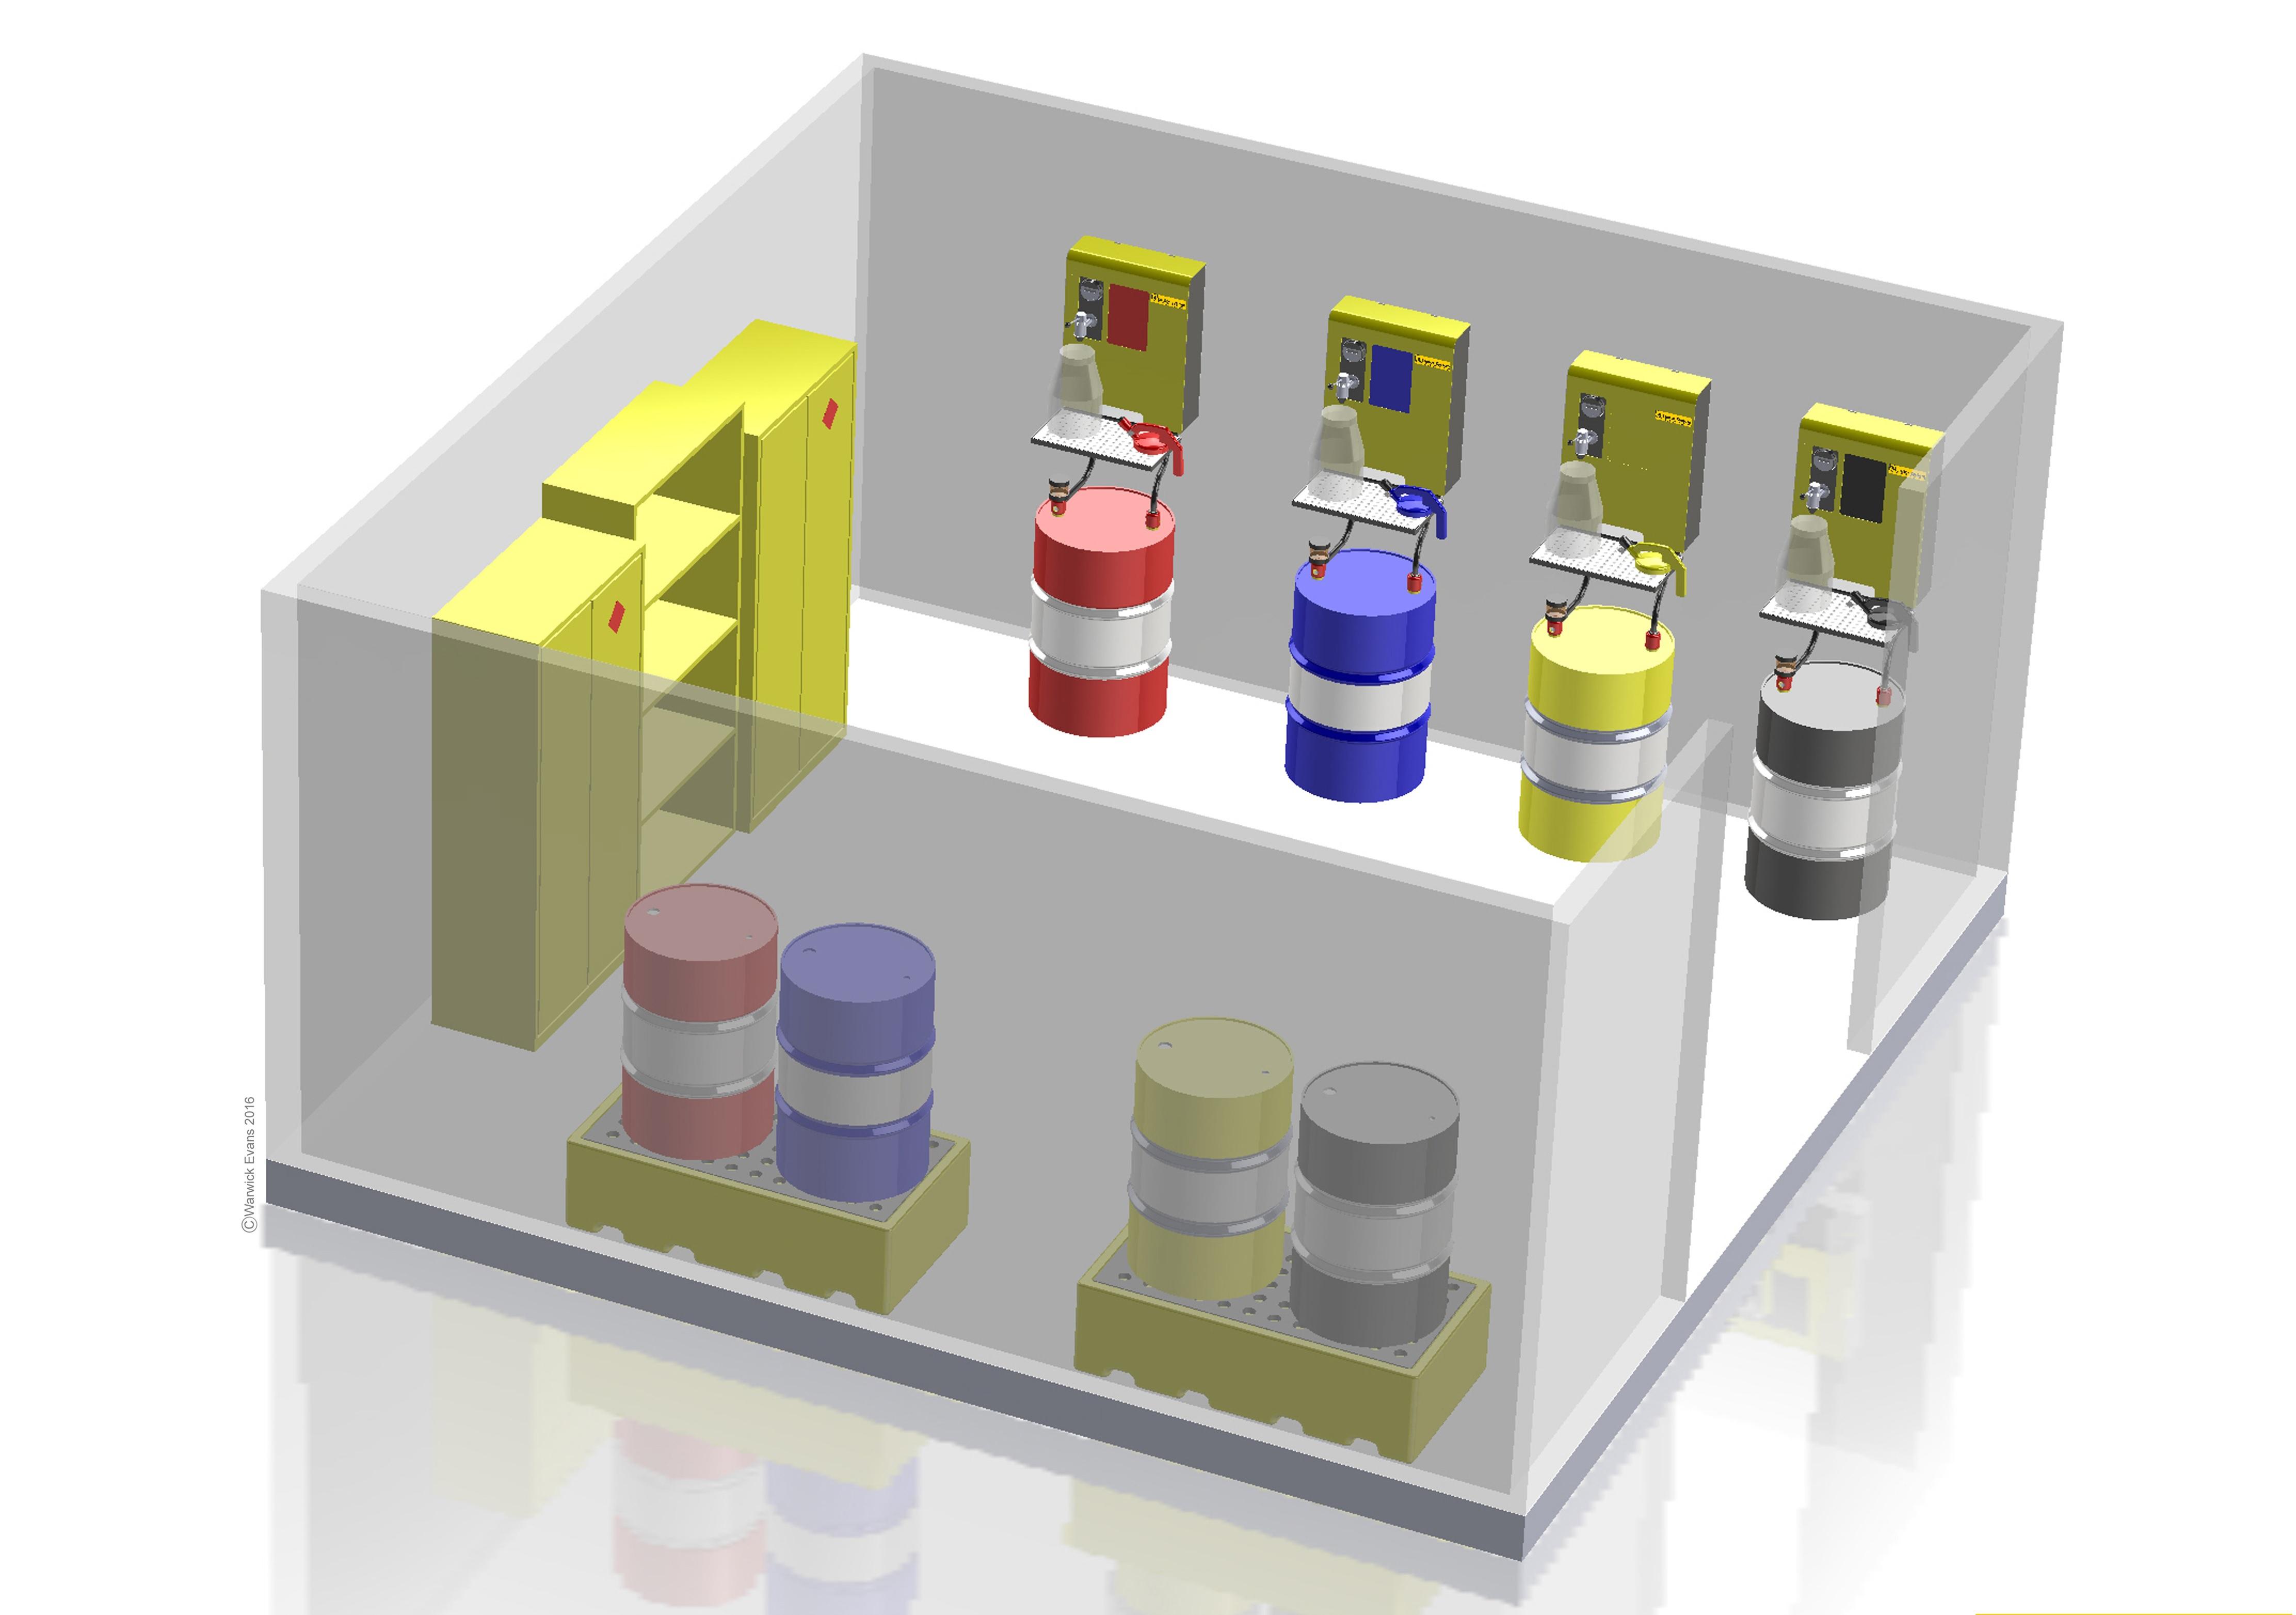 Alu Maaden Luberoom design Lustor Lubrication Storage system